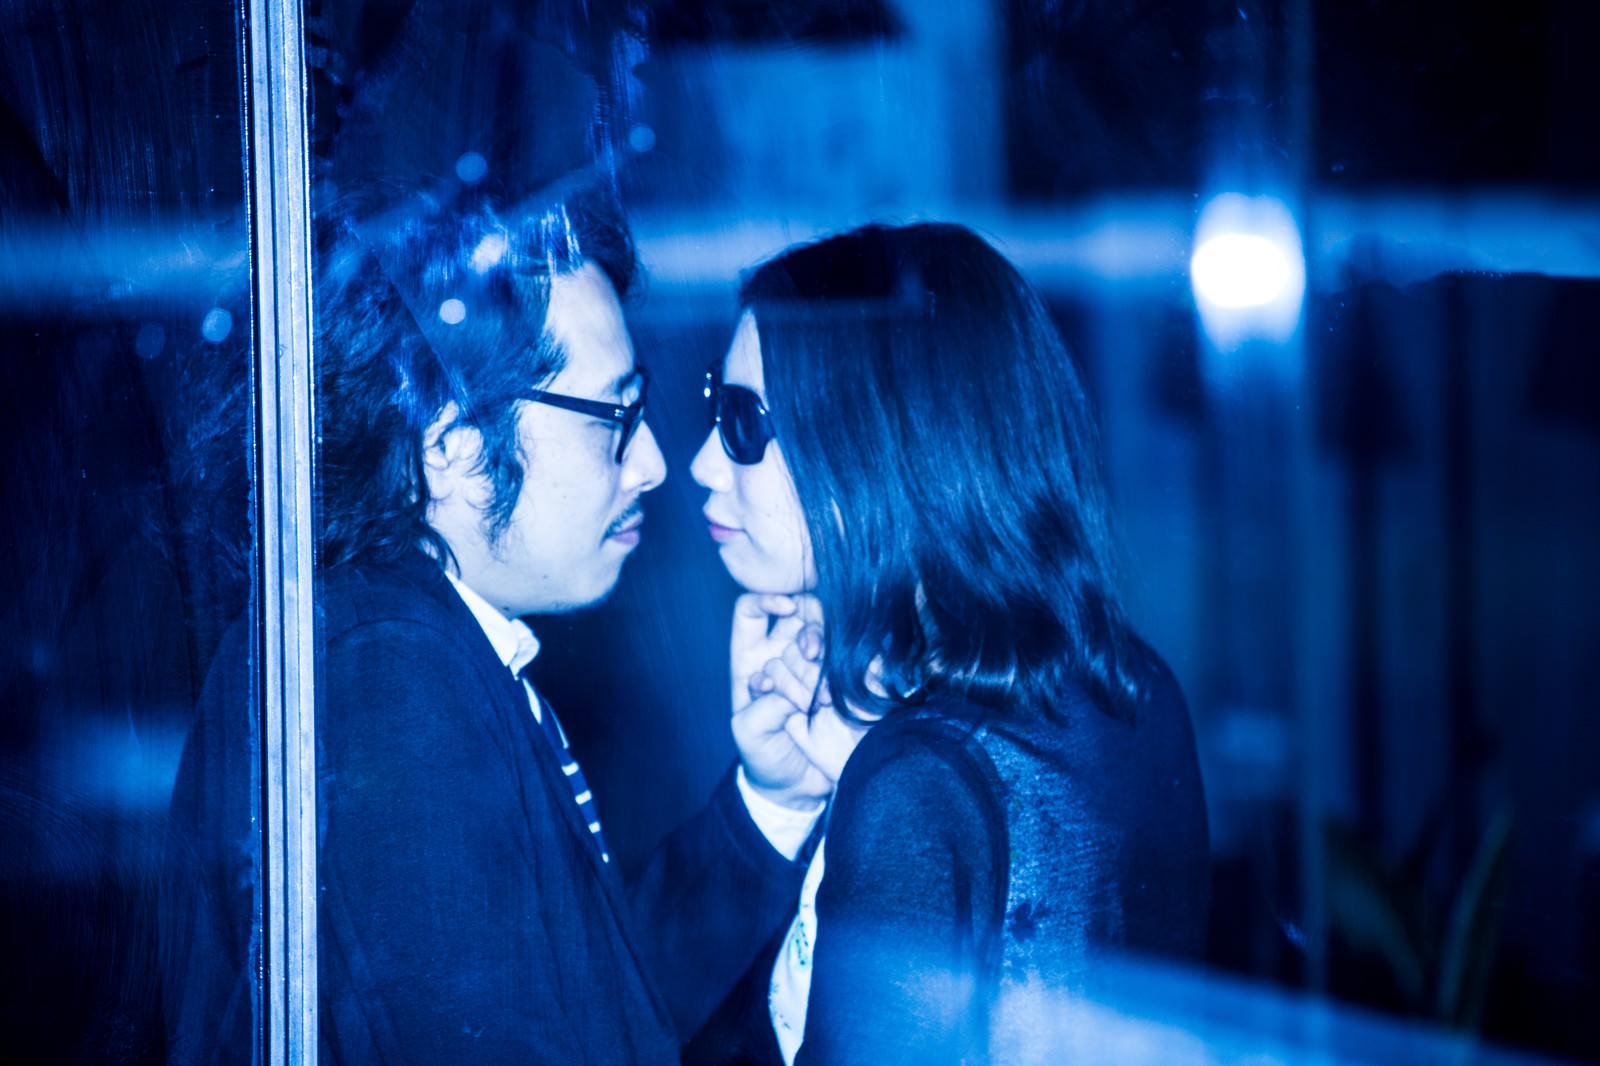 「結婚間近のふたりの熱愛現場撮った!結婚間近のふたりの熱愛現場撮った!」[モデル:ゆうせい]のフリー写真素材を拡大